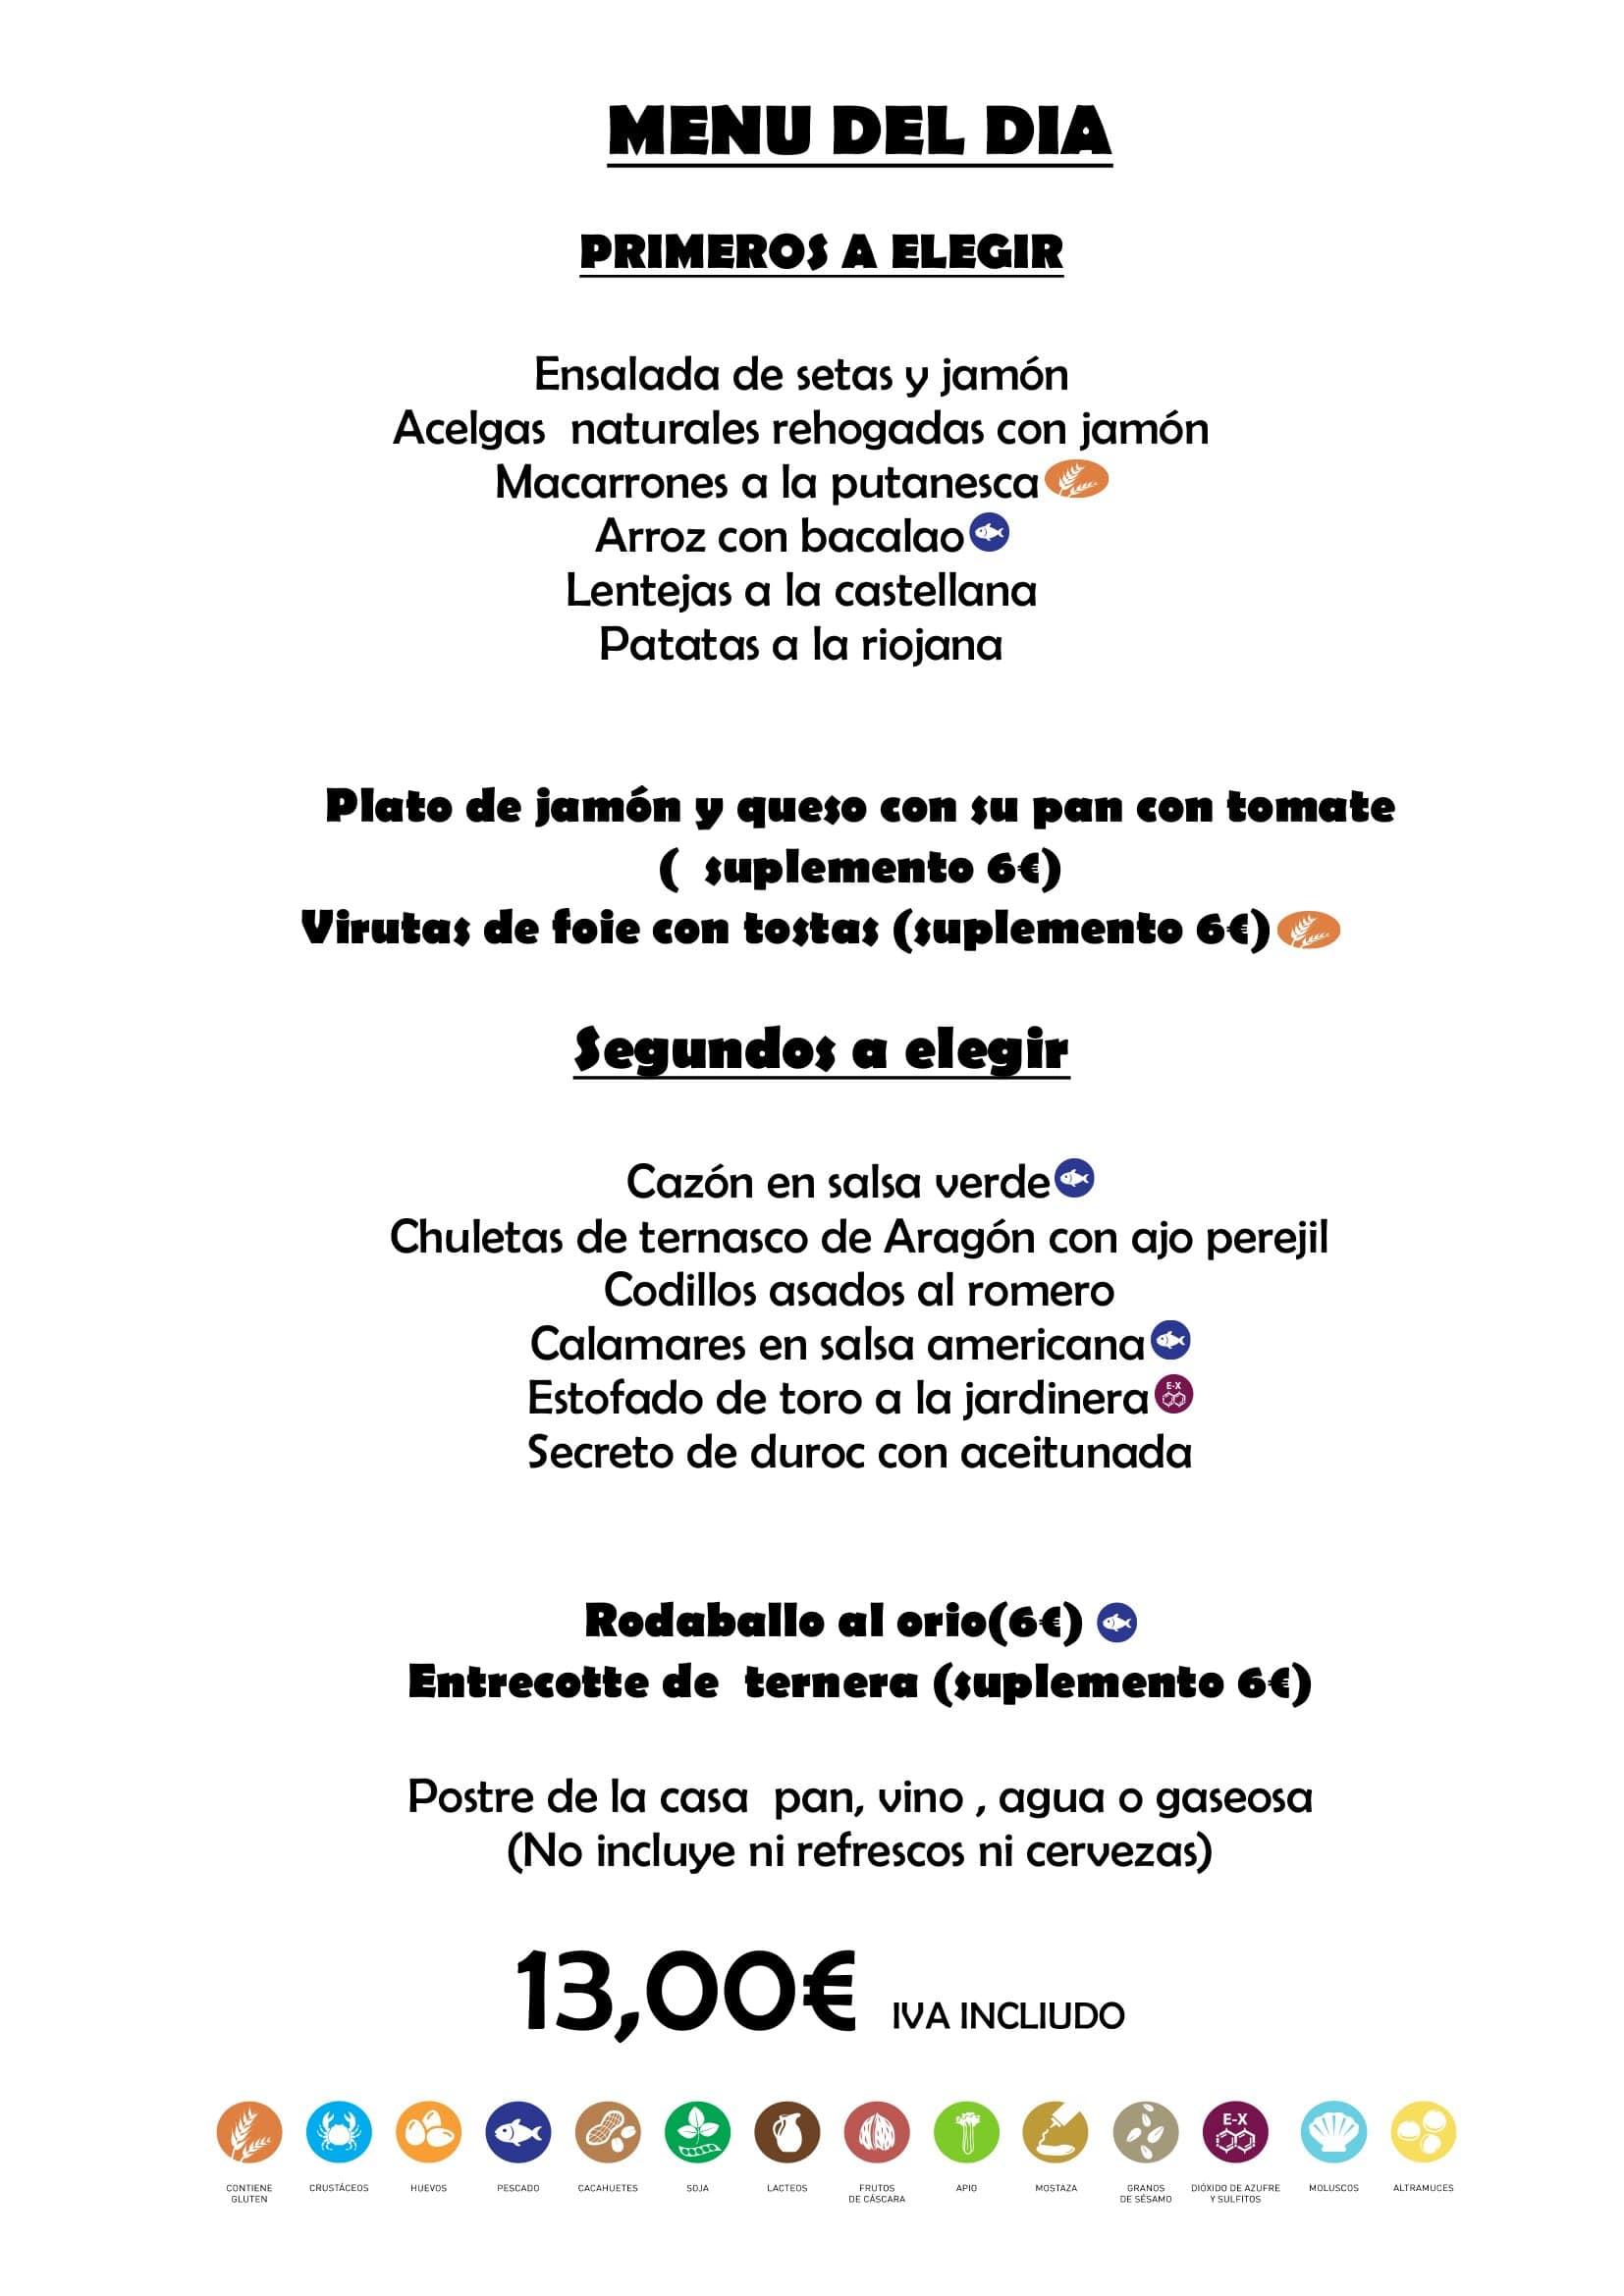 menu del dia_0001